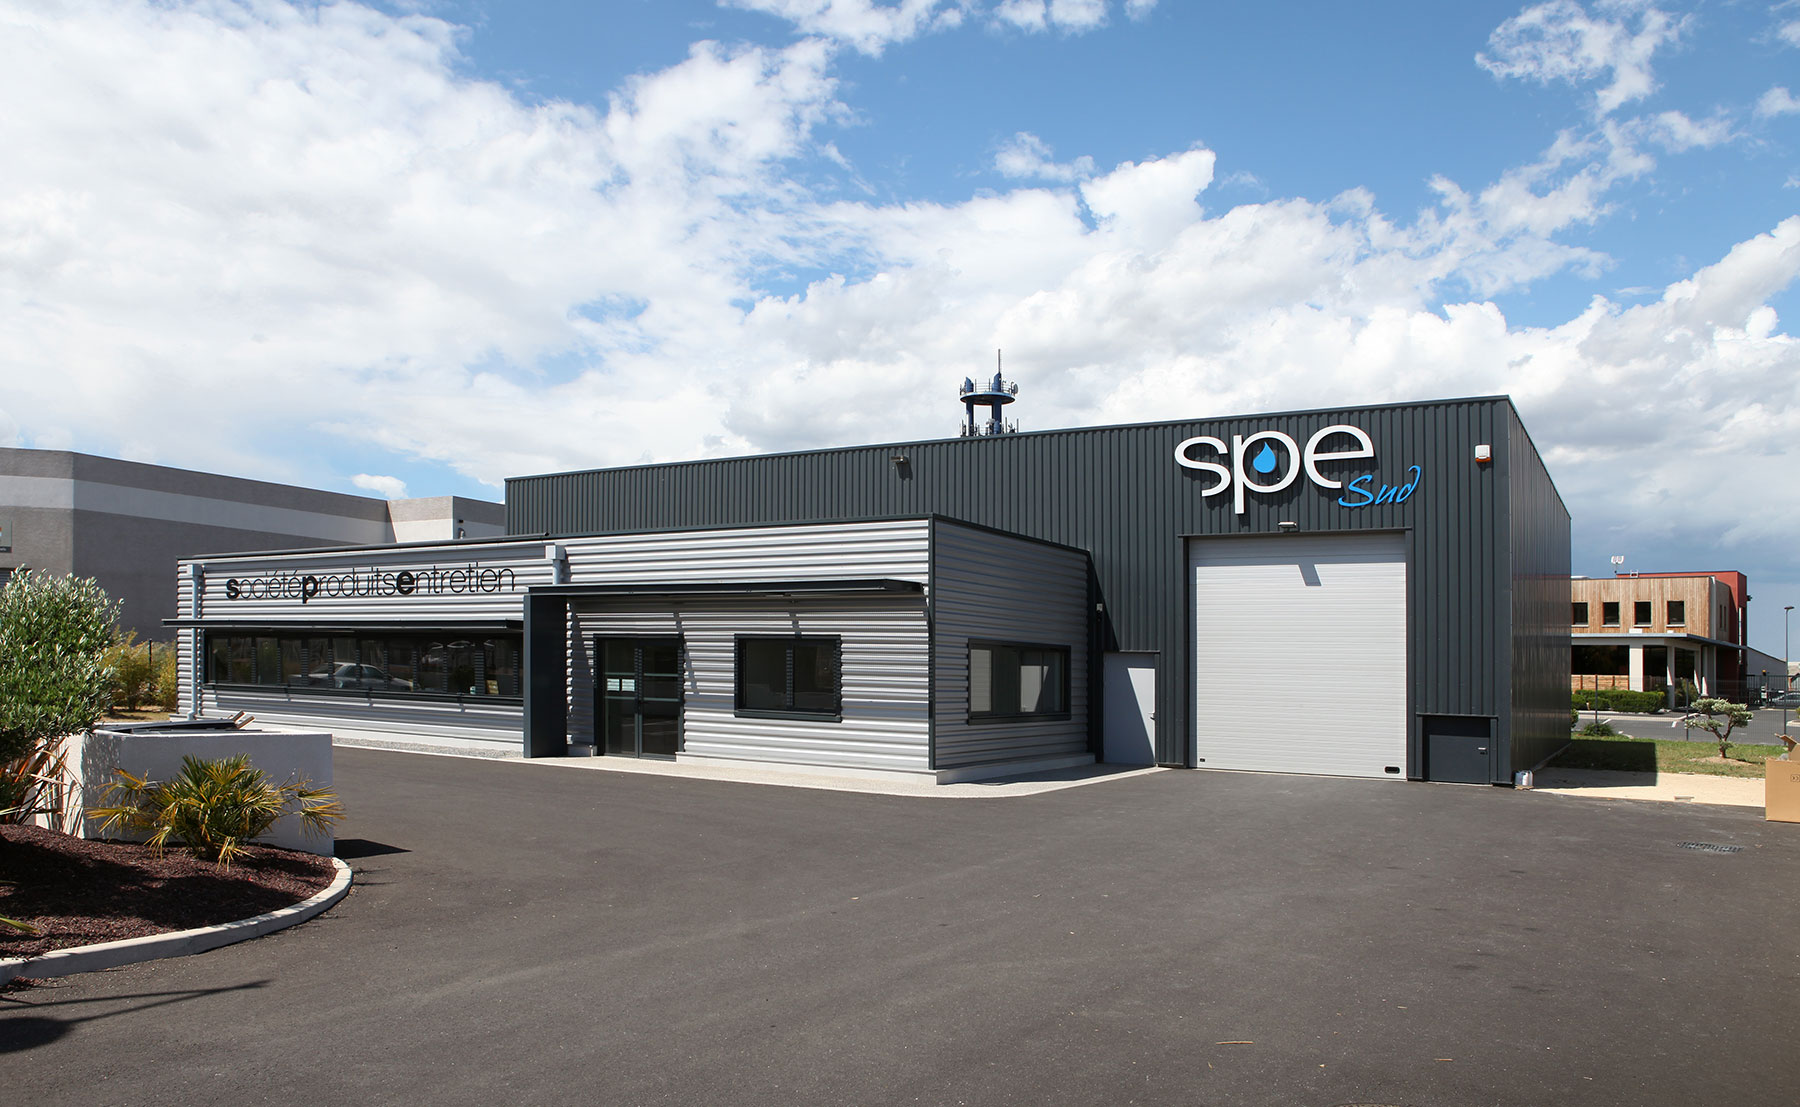 entrepôt SPE - Bâtiment industriel